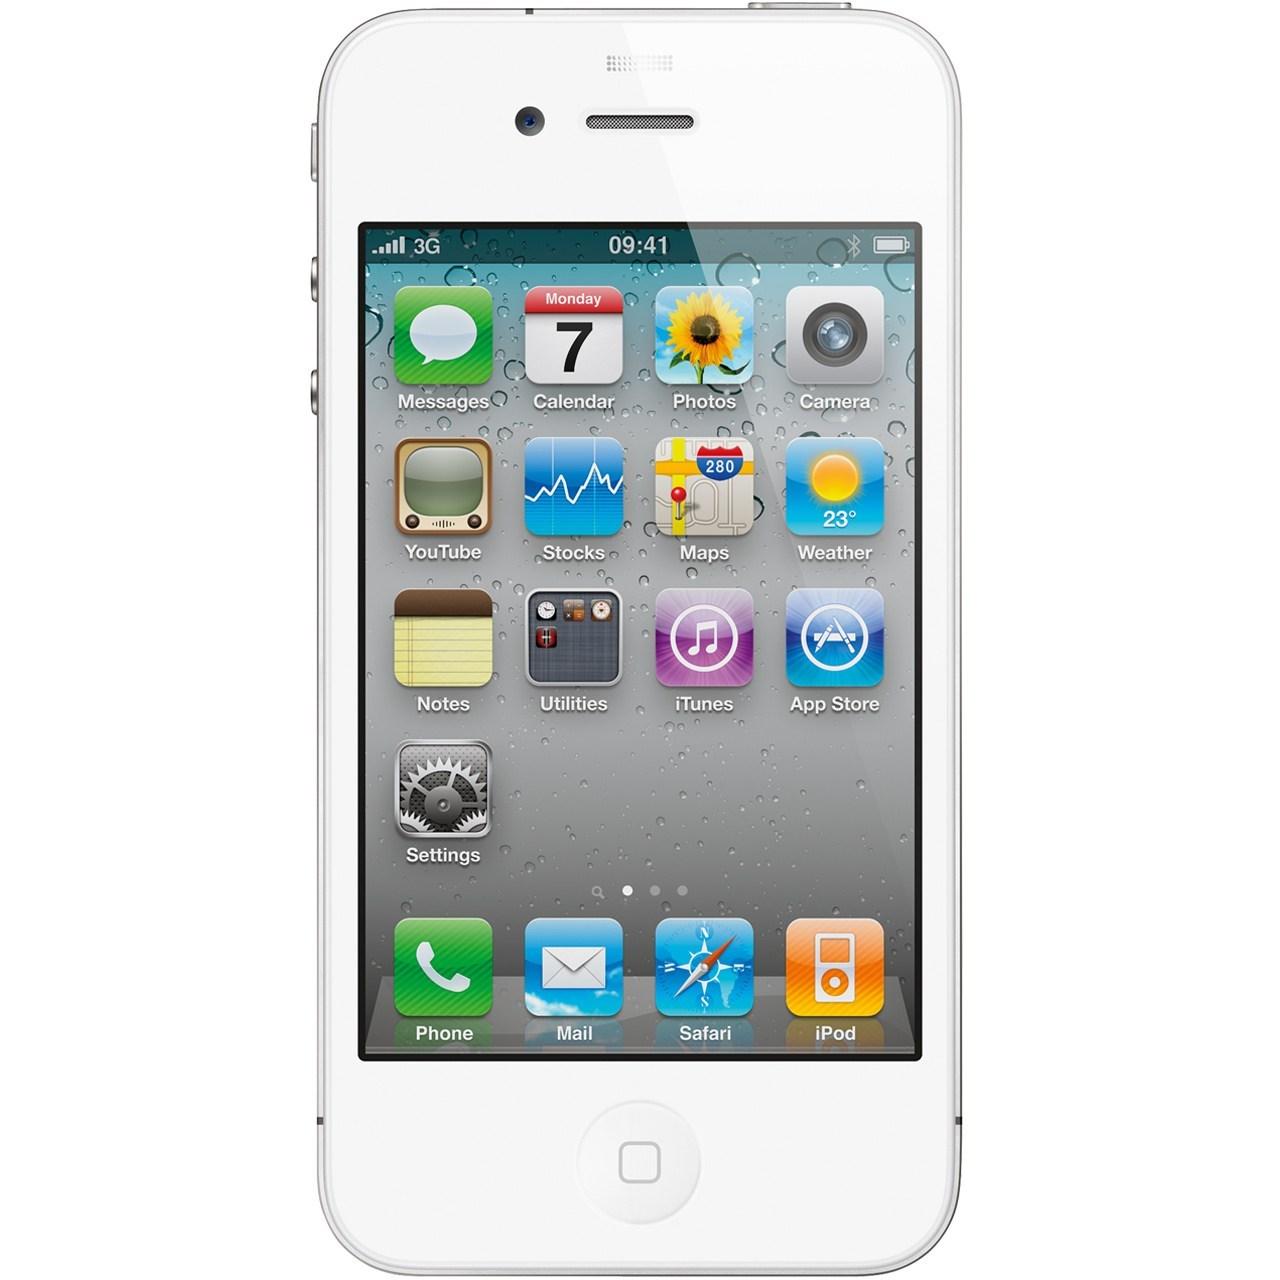 گوشی موبایل اپل آی فون 4 اس-16 گیگابایت